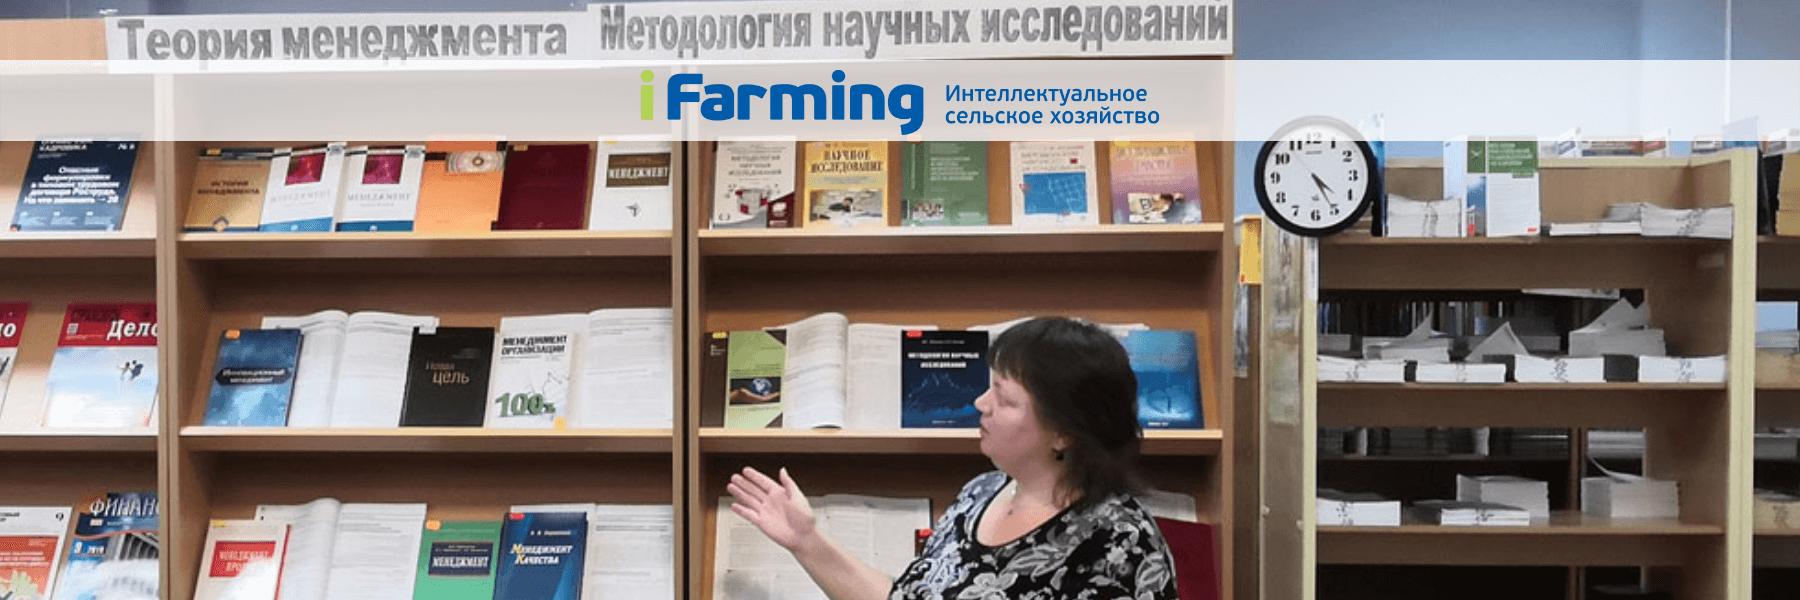 Центр компетенций в сфере сельскохозяйственной кооперации и поддержки фермеров.